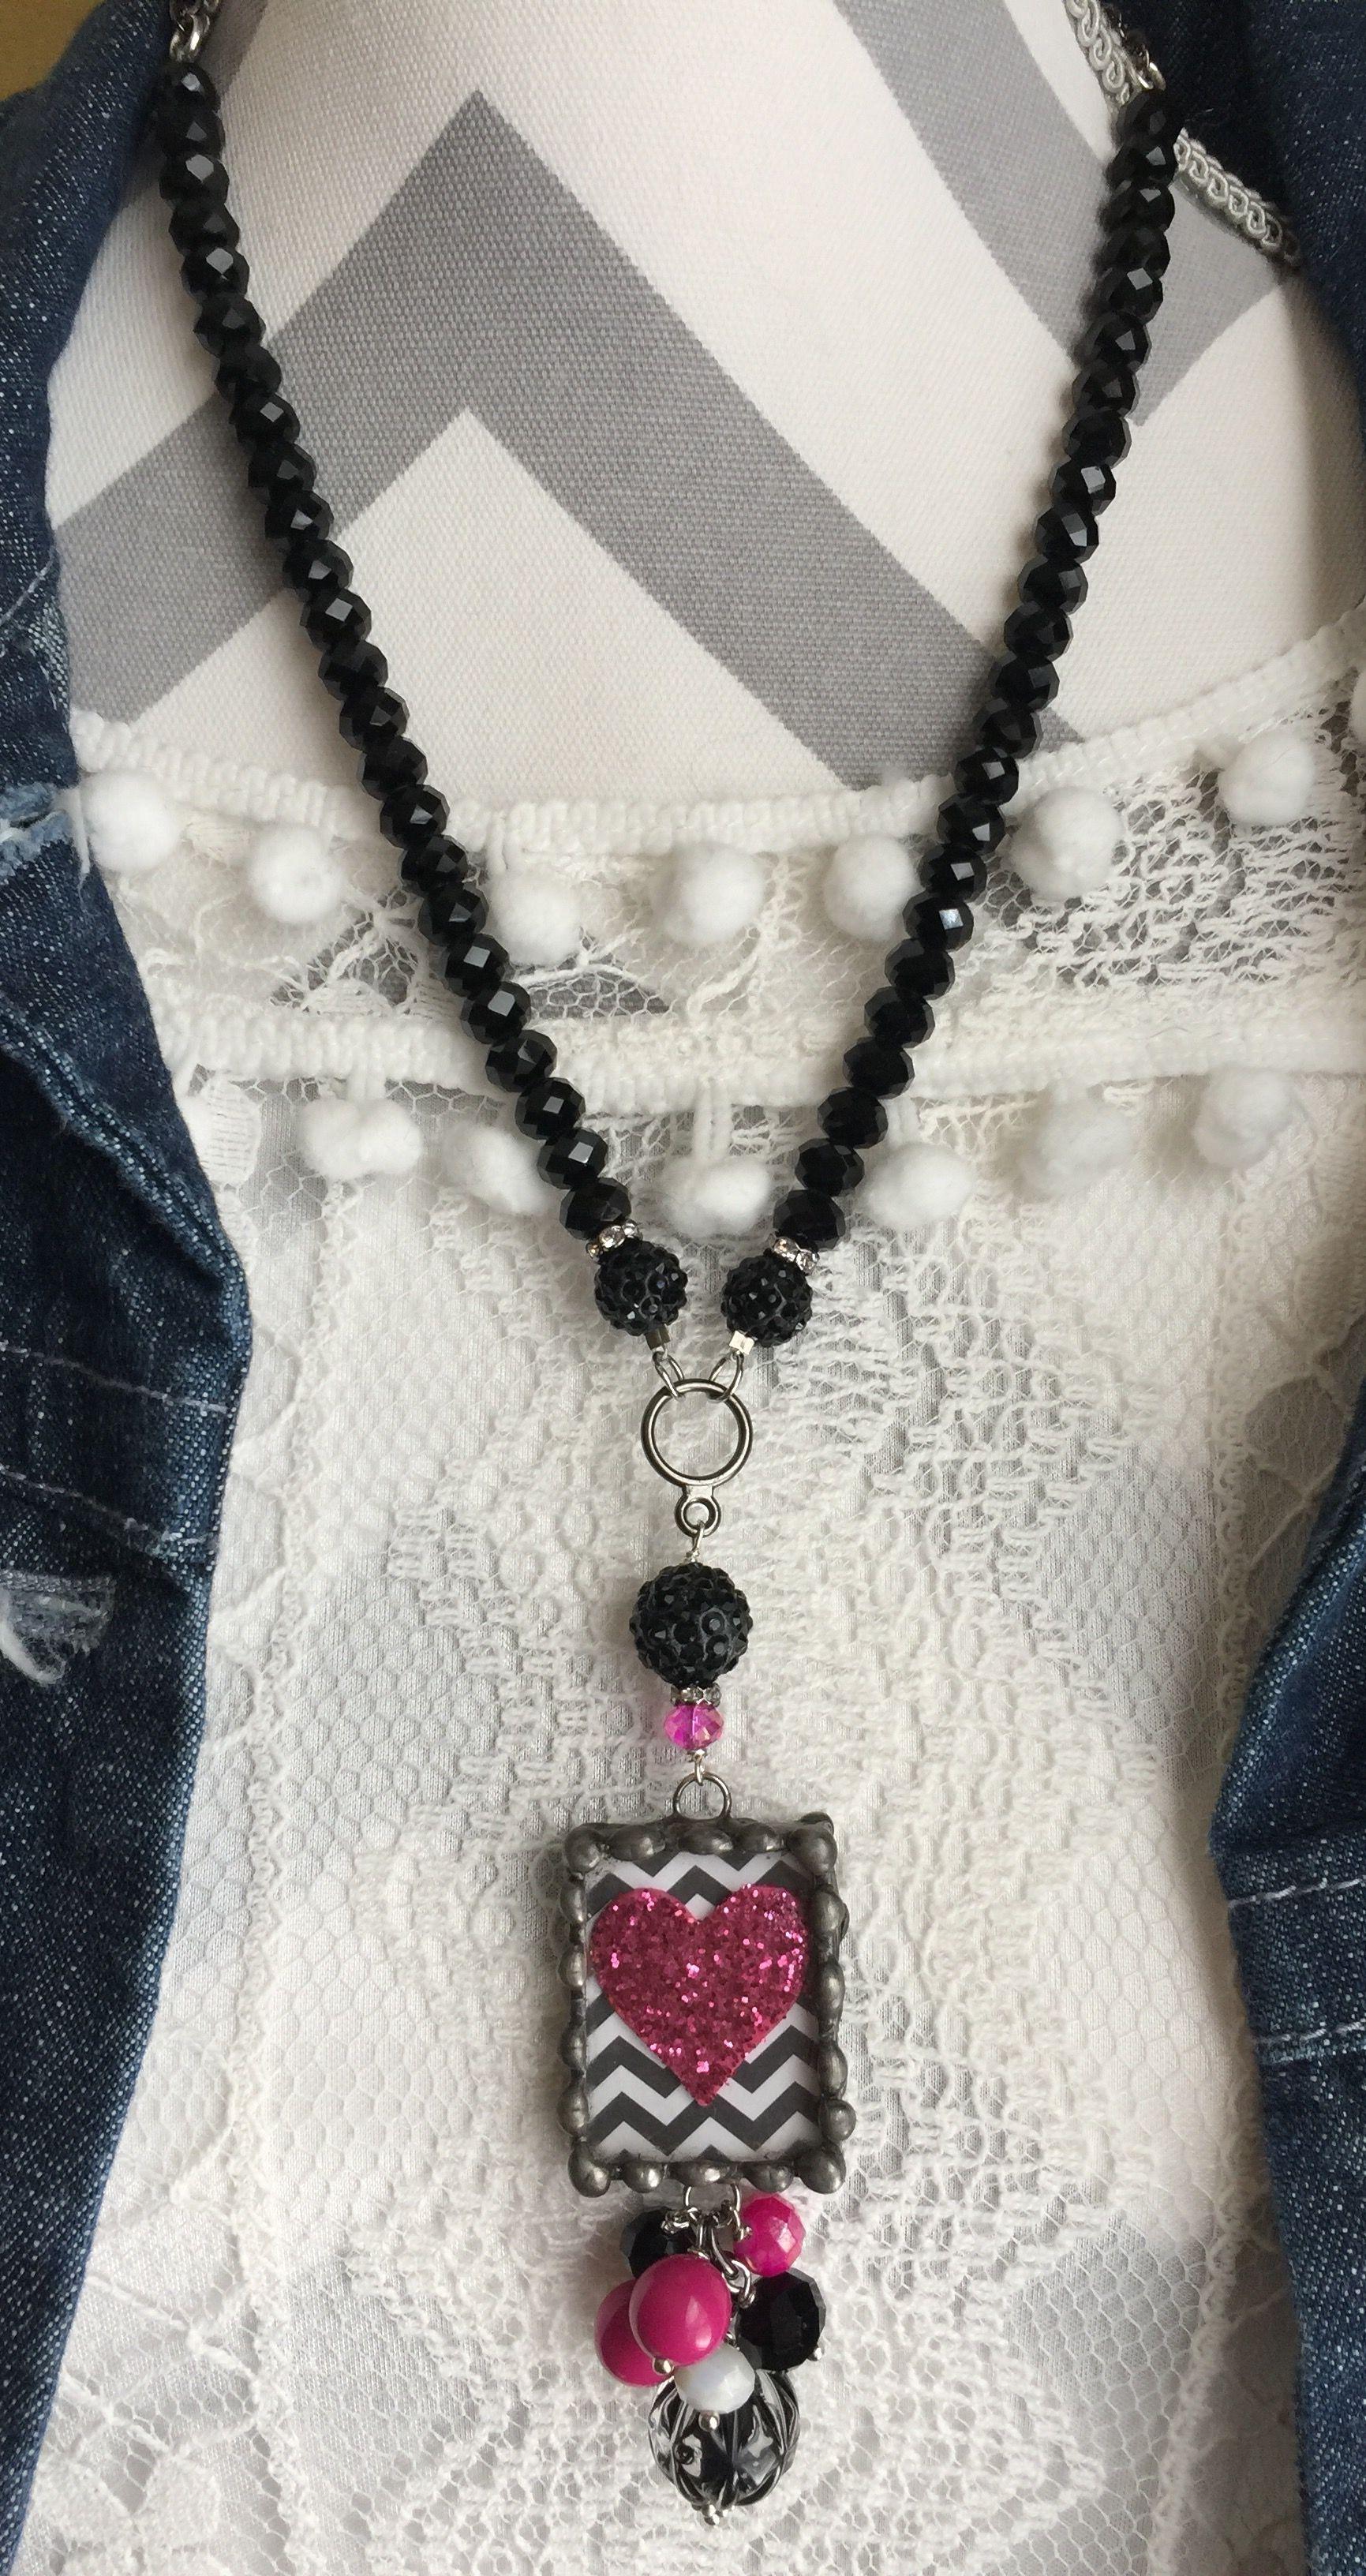 #valentinesday #handmade #solderedjewelry www.nanettemc.etsy.com